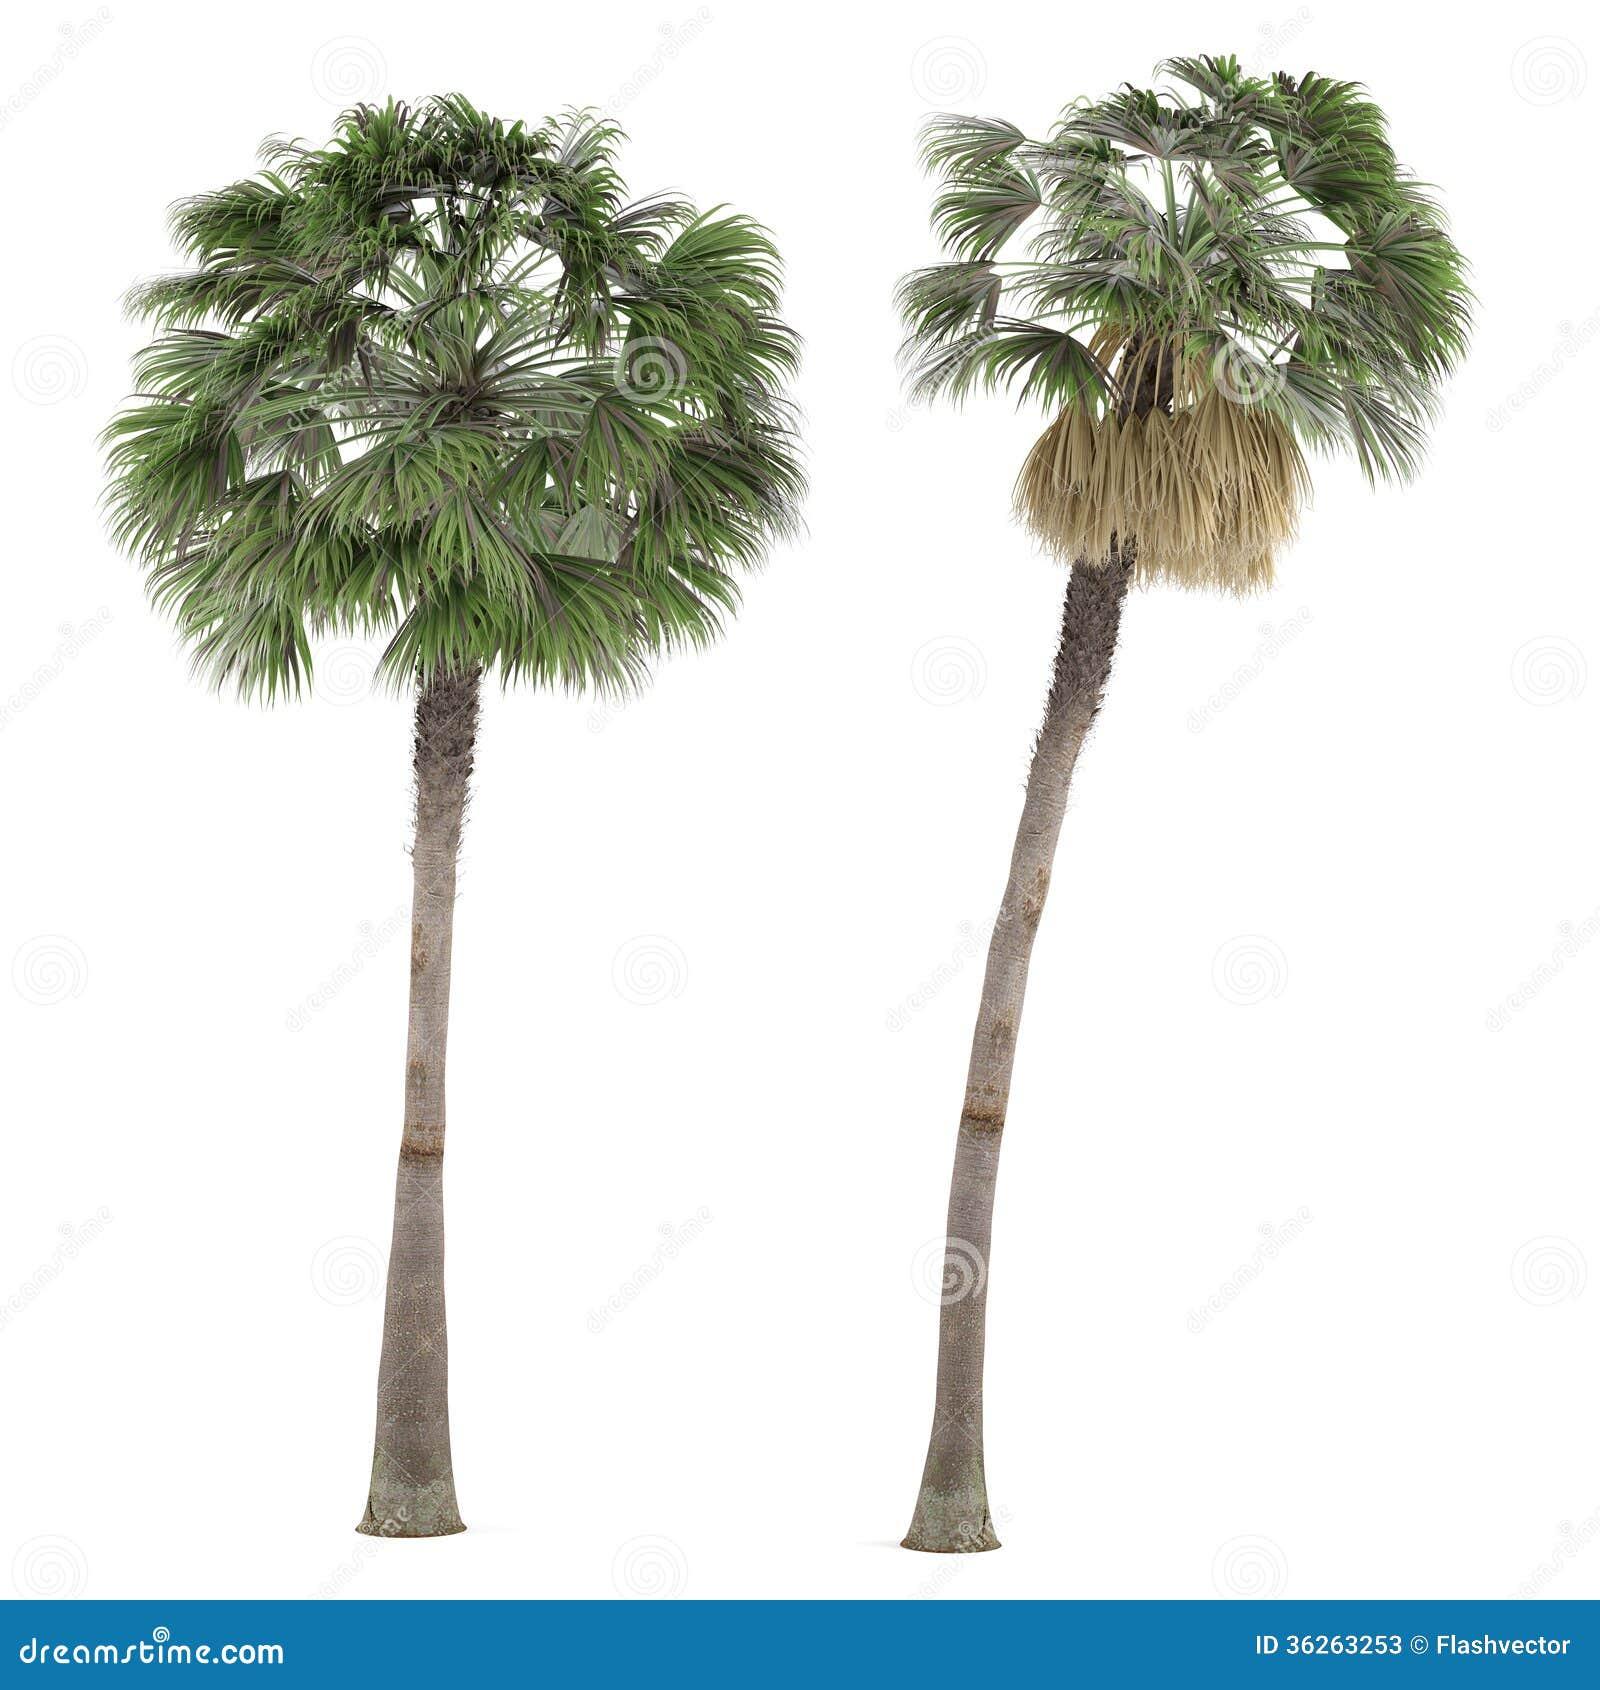 Albero della pianta della palma isolato washingtonia for Pianta palma